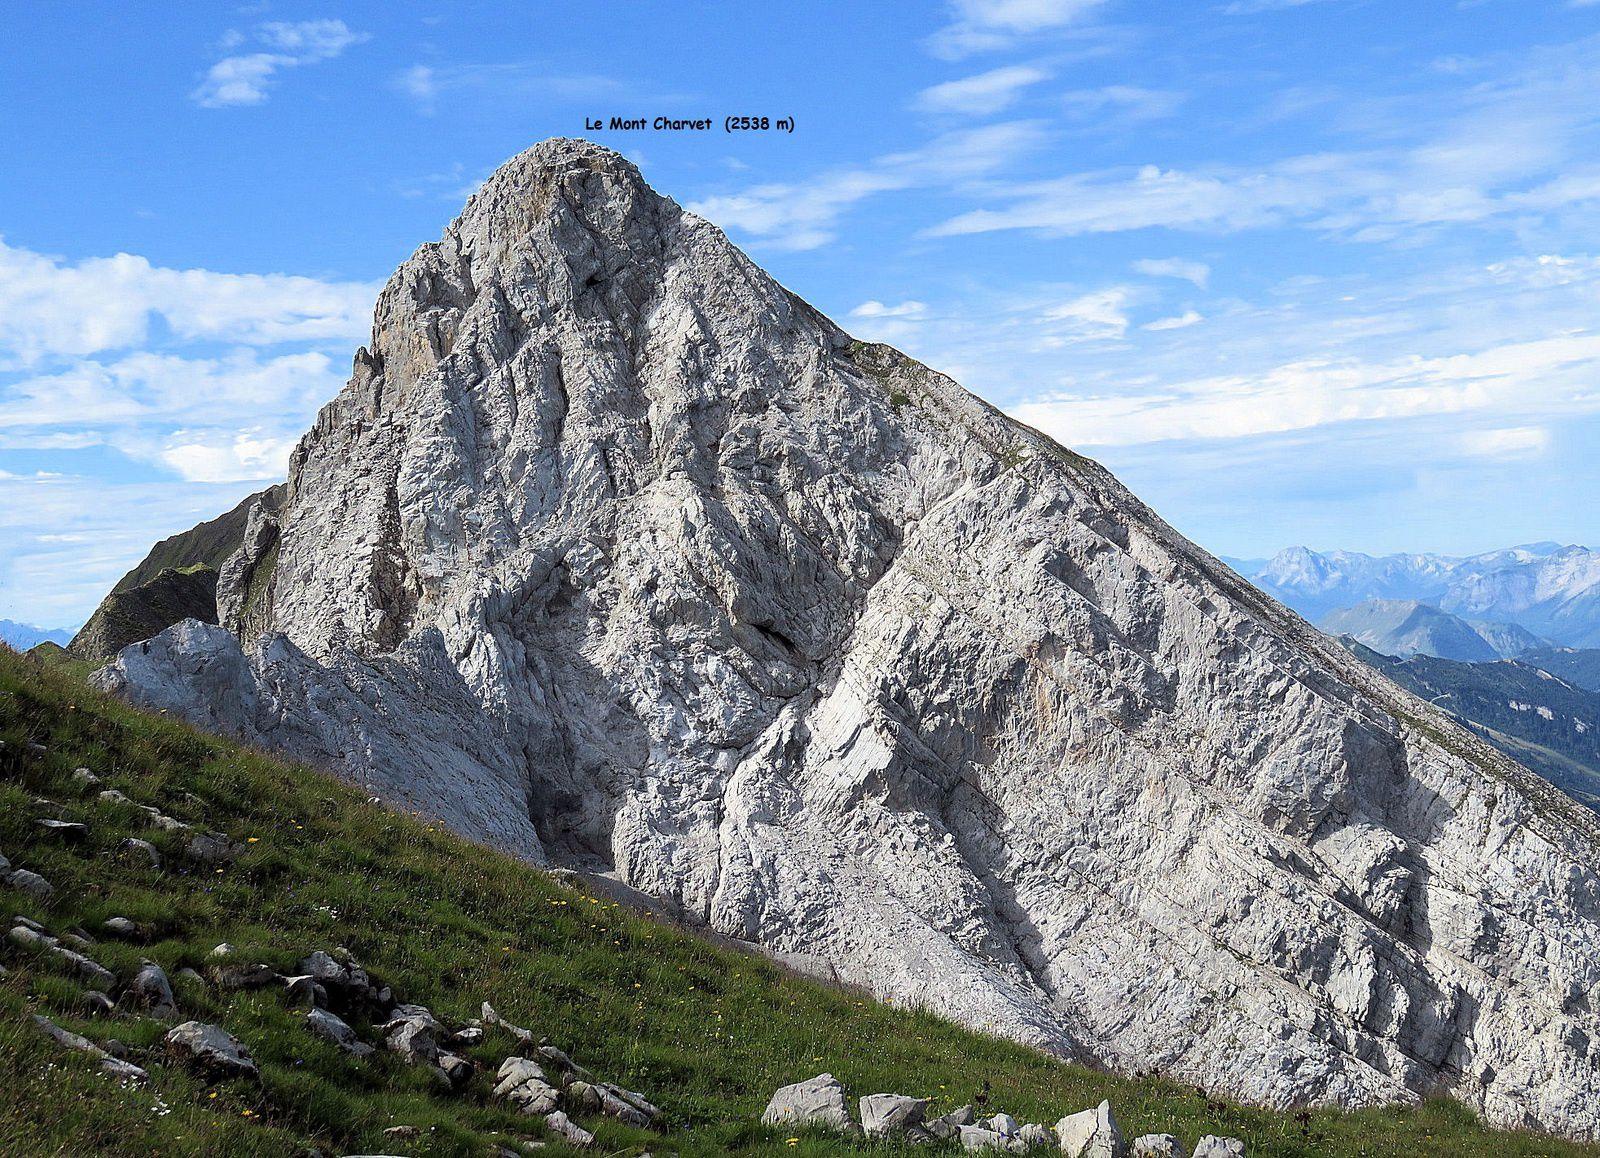 Le Mont Charvet (J'aime mais Jean-Paul préfère Bella Cha...)